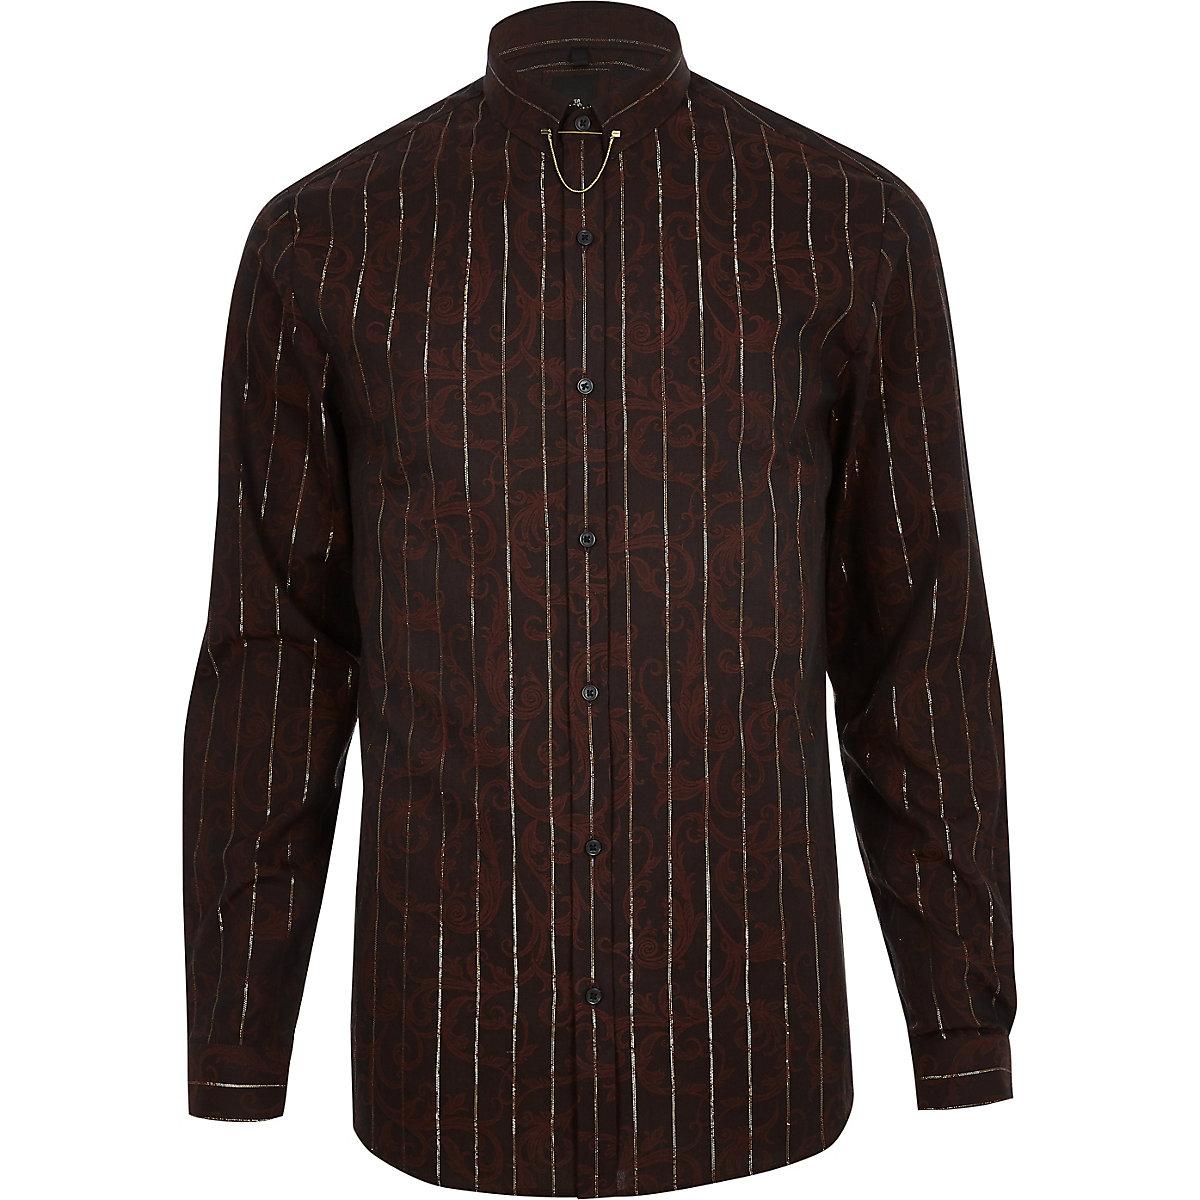 Brown jacquard metallic stripe shirt